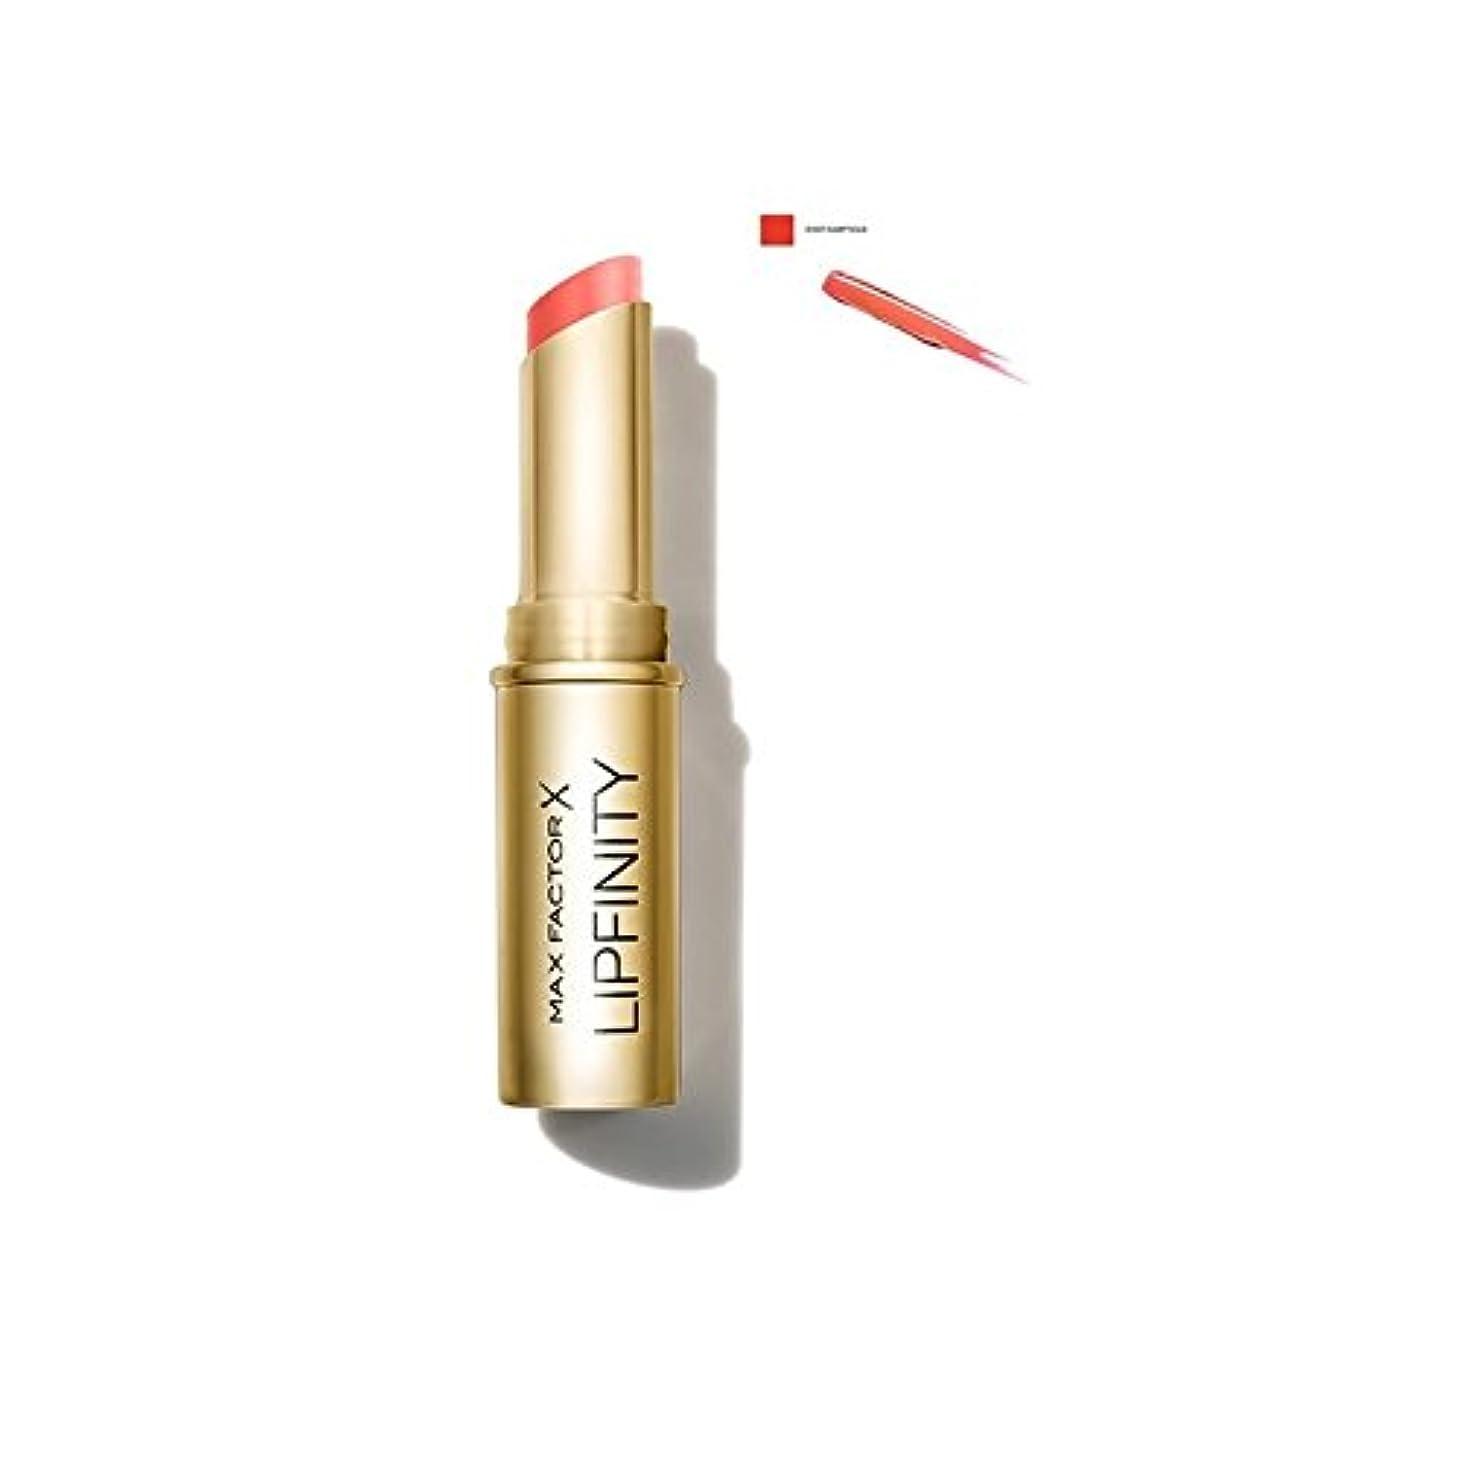 飛行機説教する貨物Max Factor Lipfinity Long Lasting Lipstick Ever Sumptuous - 長い口紅が今まで豪華な持続マックスファクターの [並行輸入品]